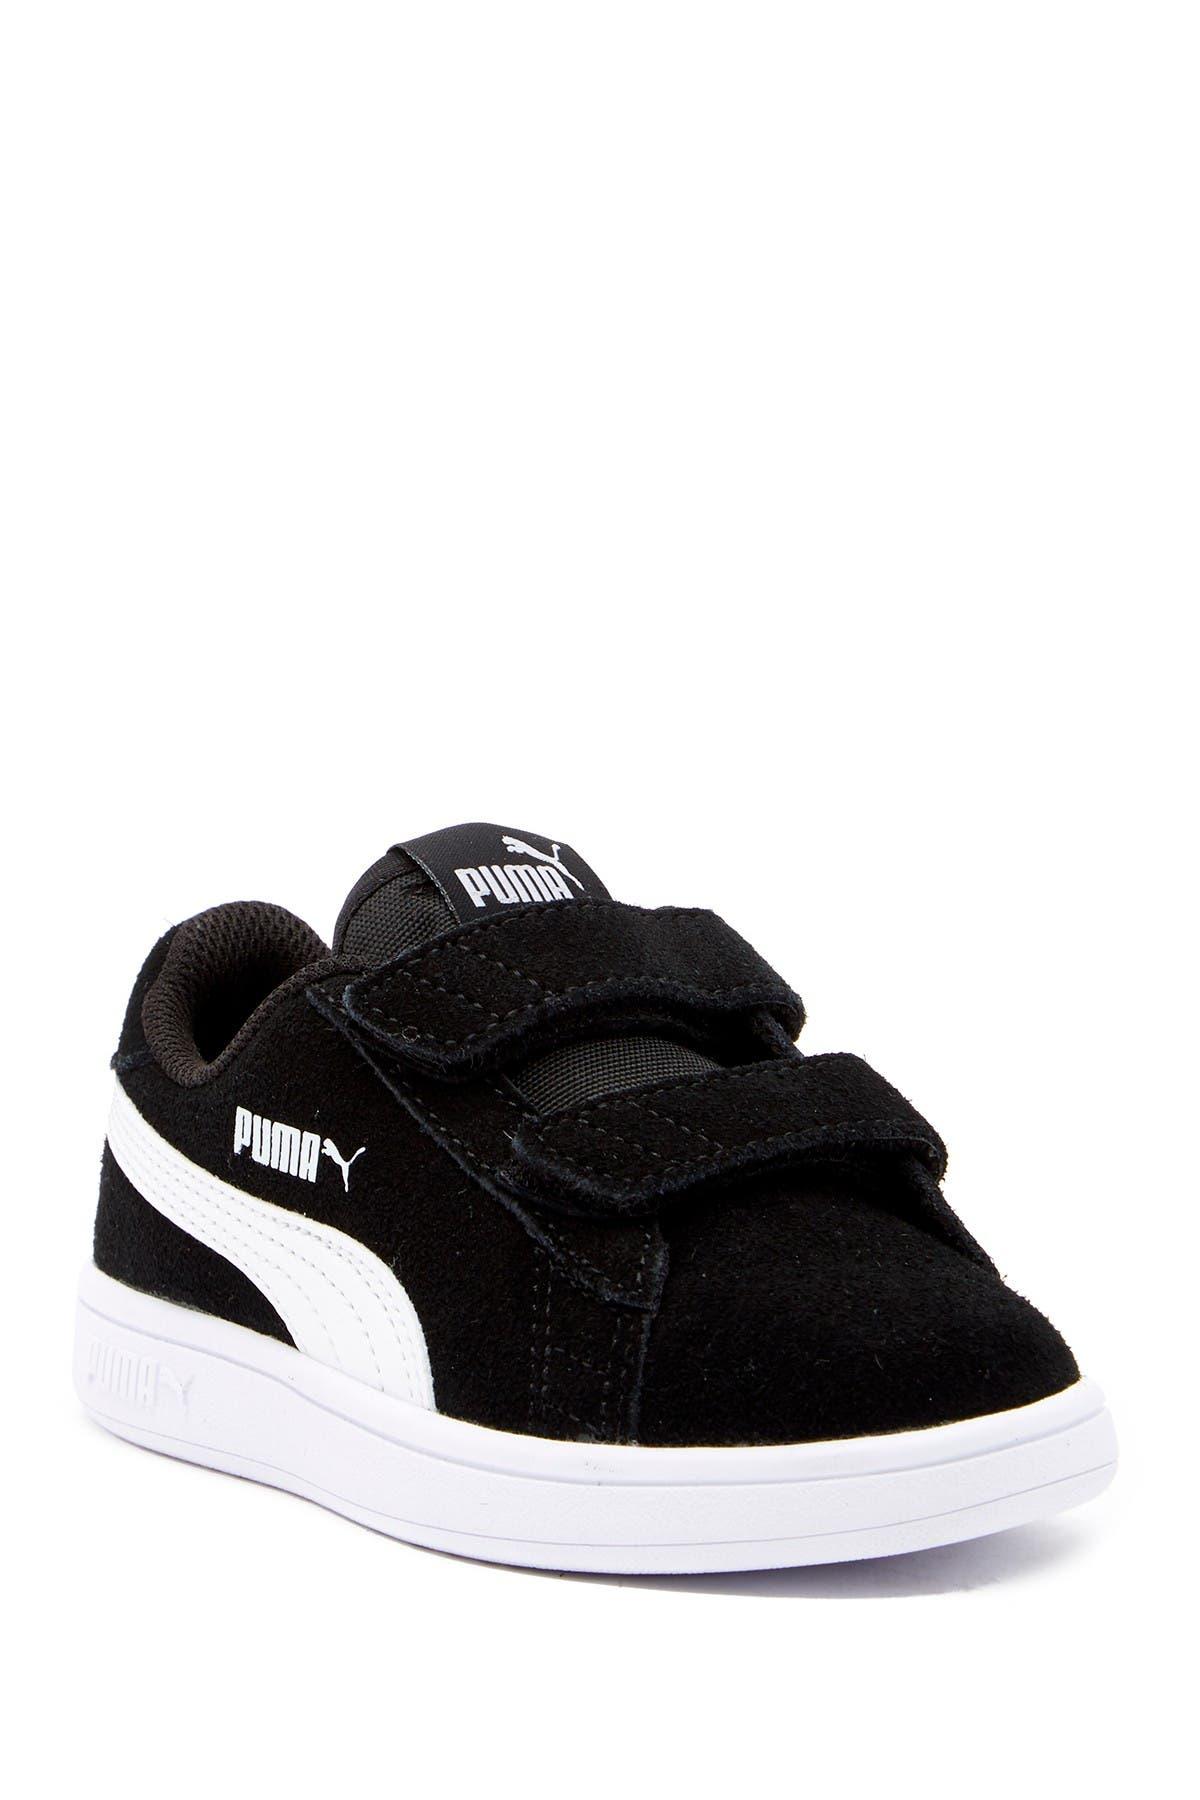 Image of PUMA Smash V2 Suede Sneaker